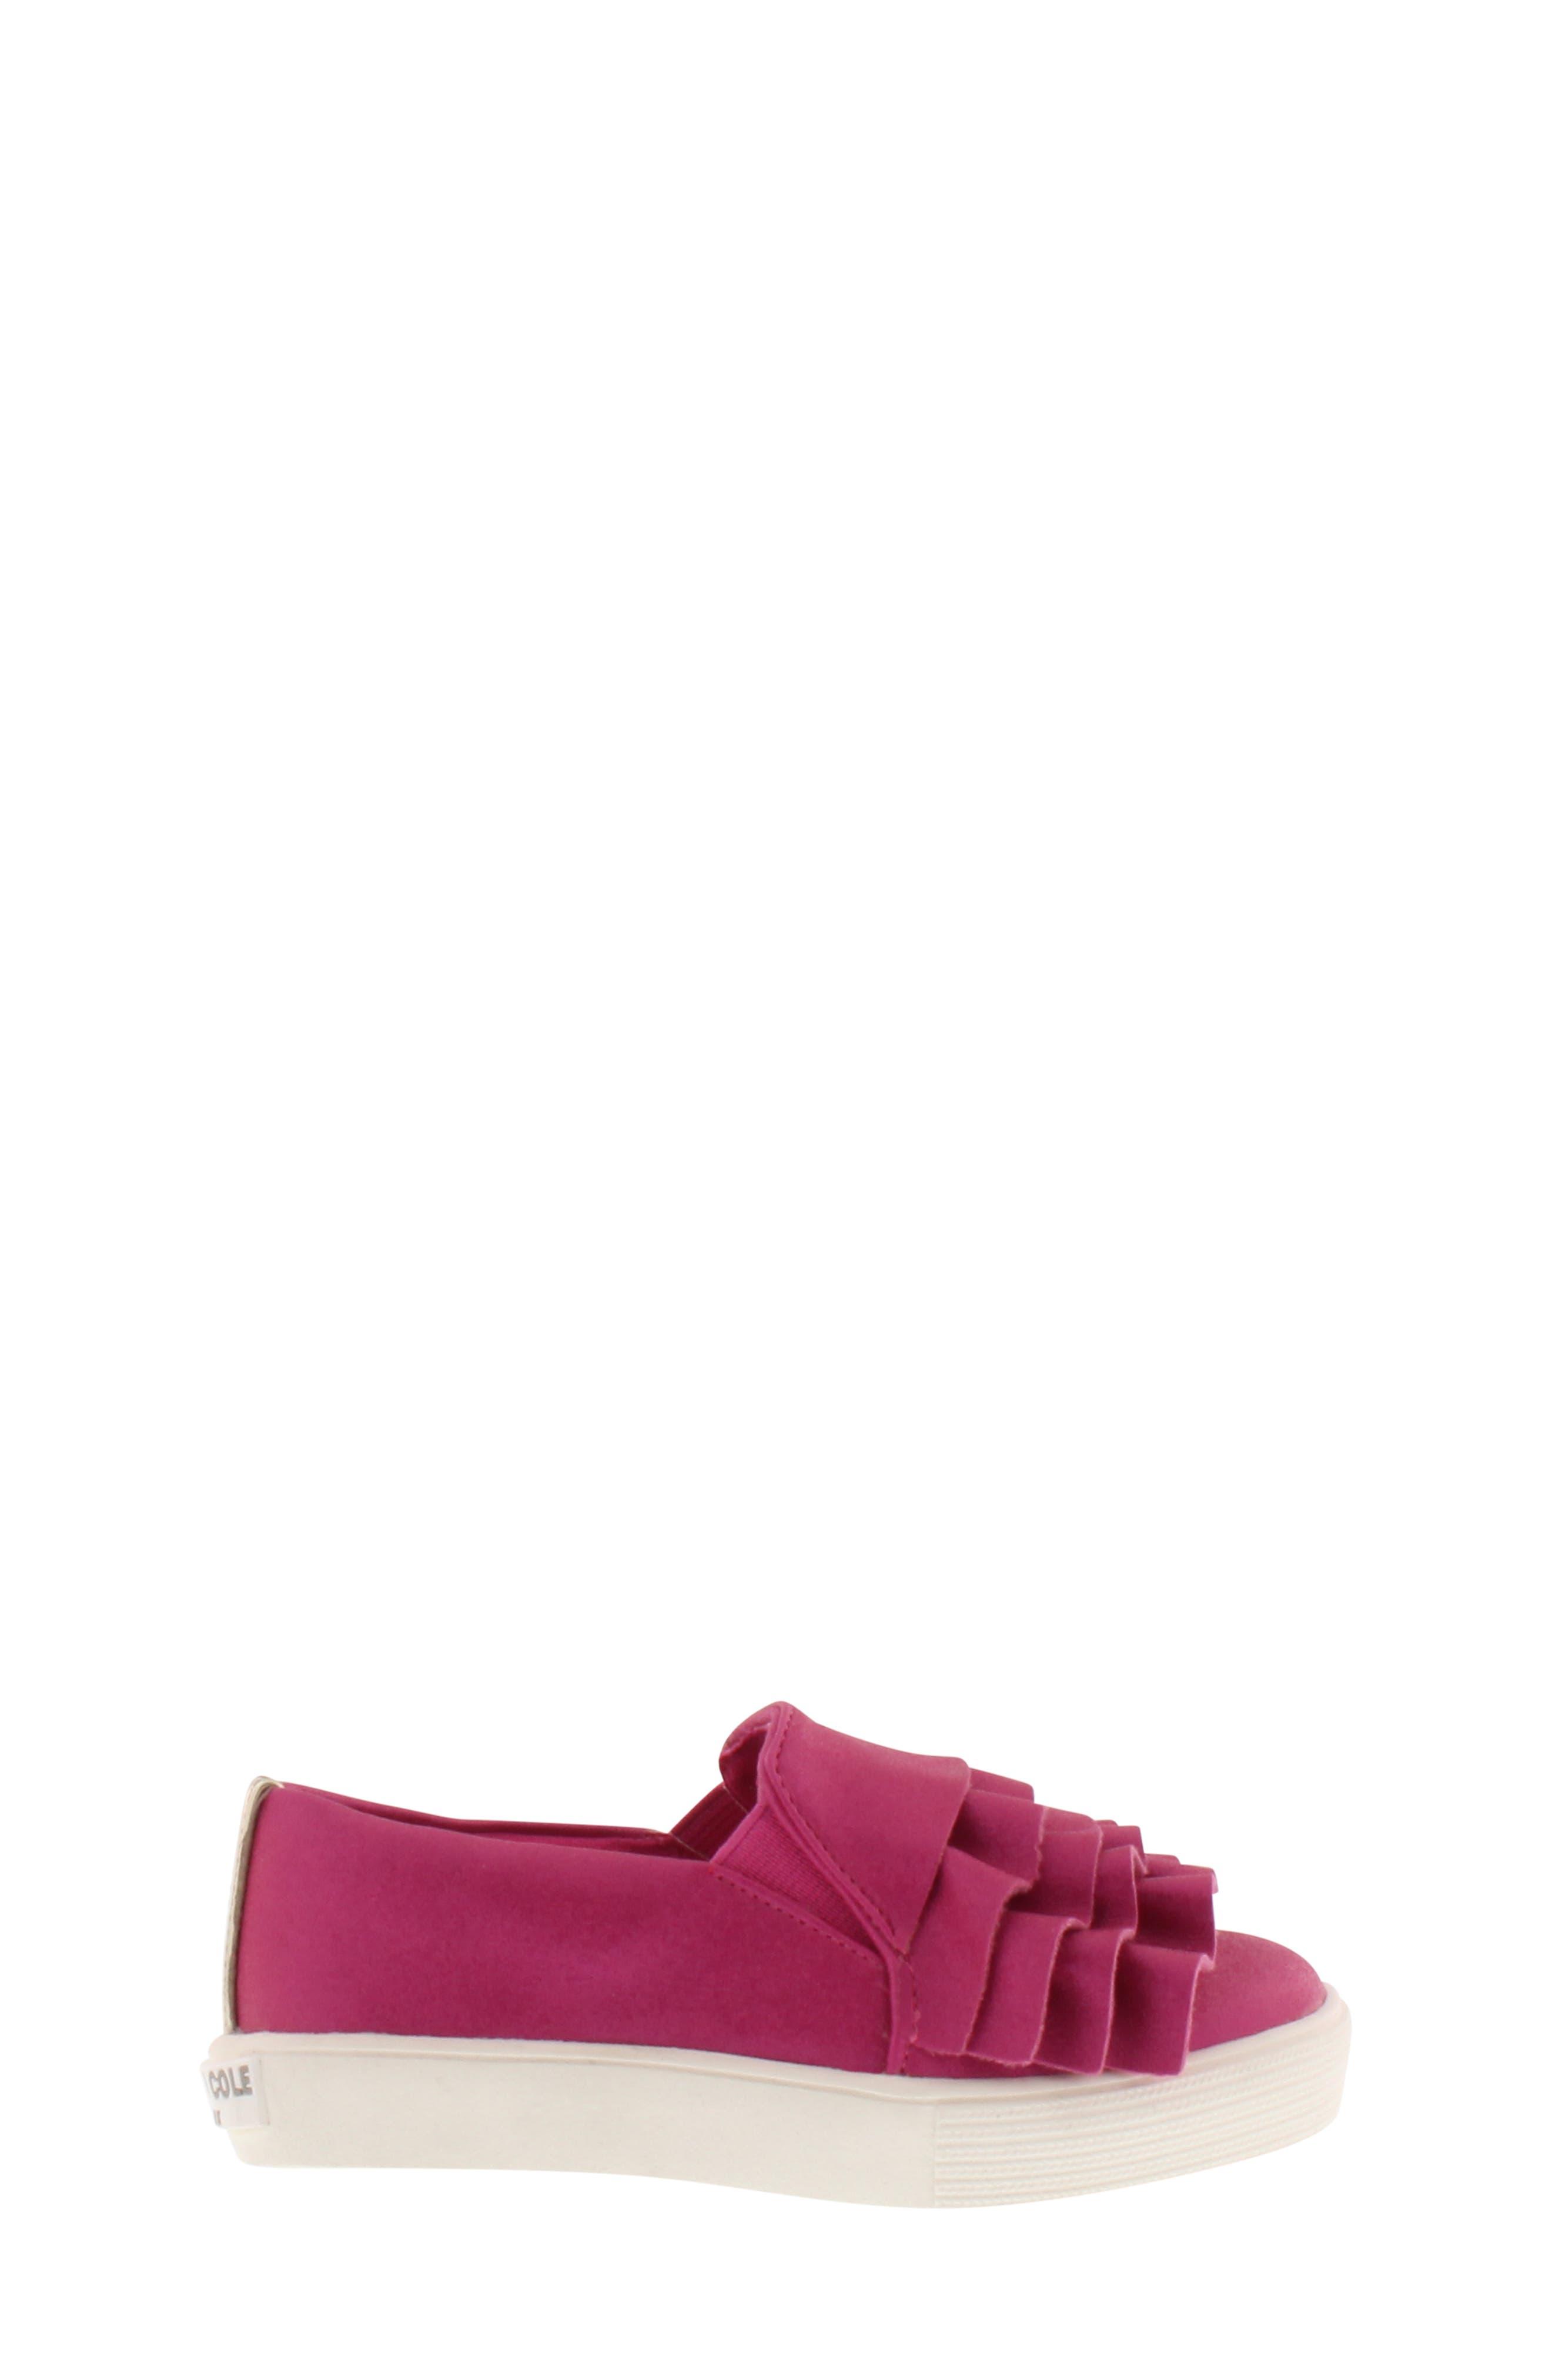 Shimmery Kam Ruffle Slip-On Sneaker,                             Alternate thumbnail 3, color,                             Fuchsia